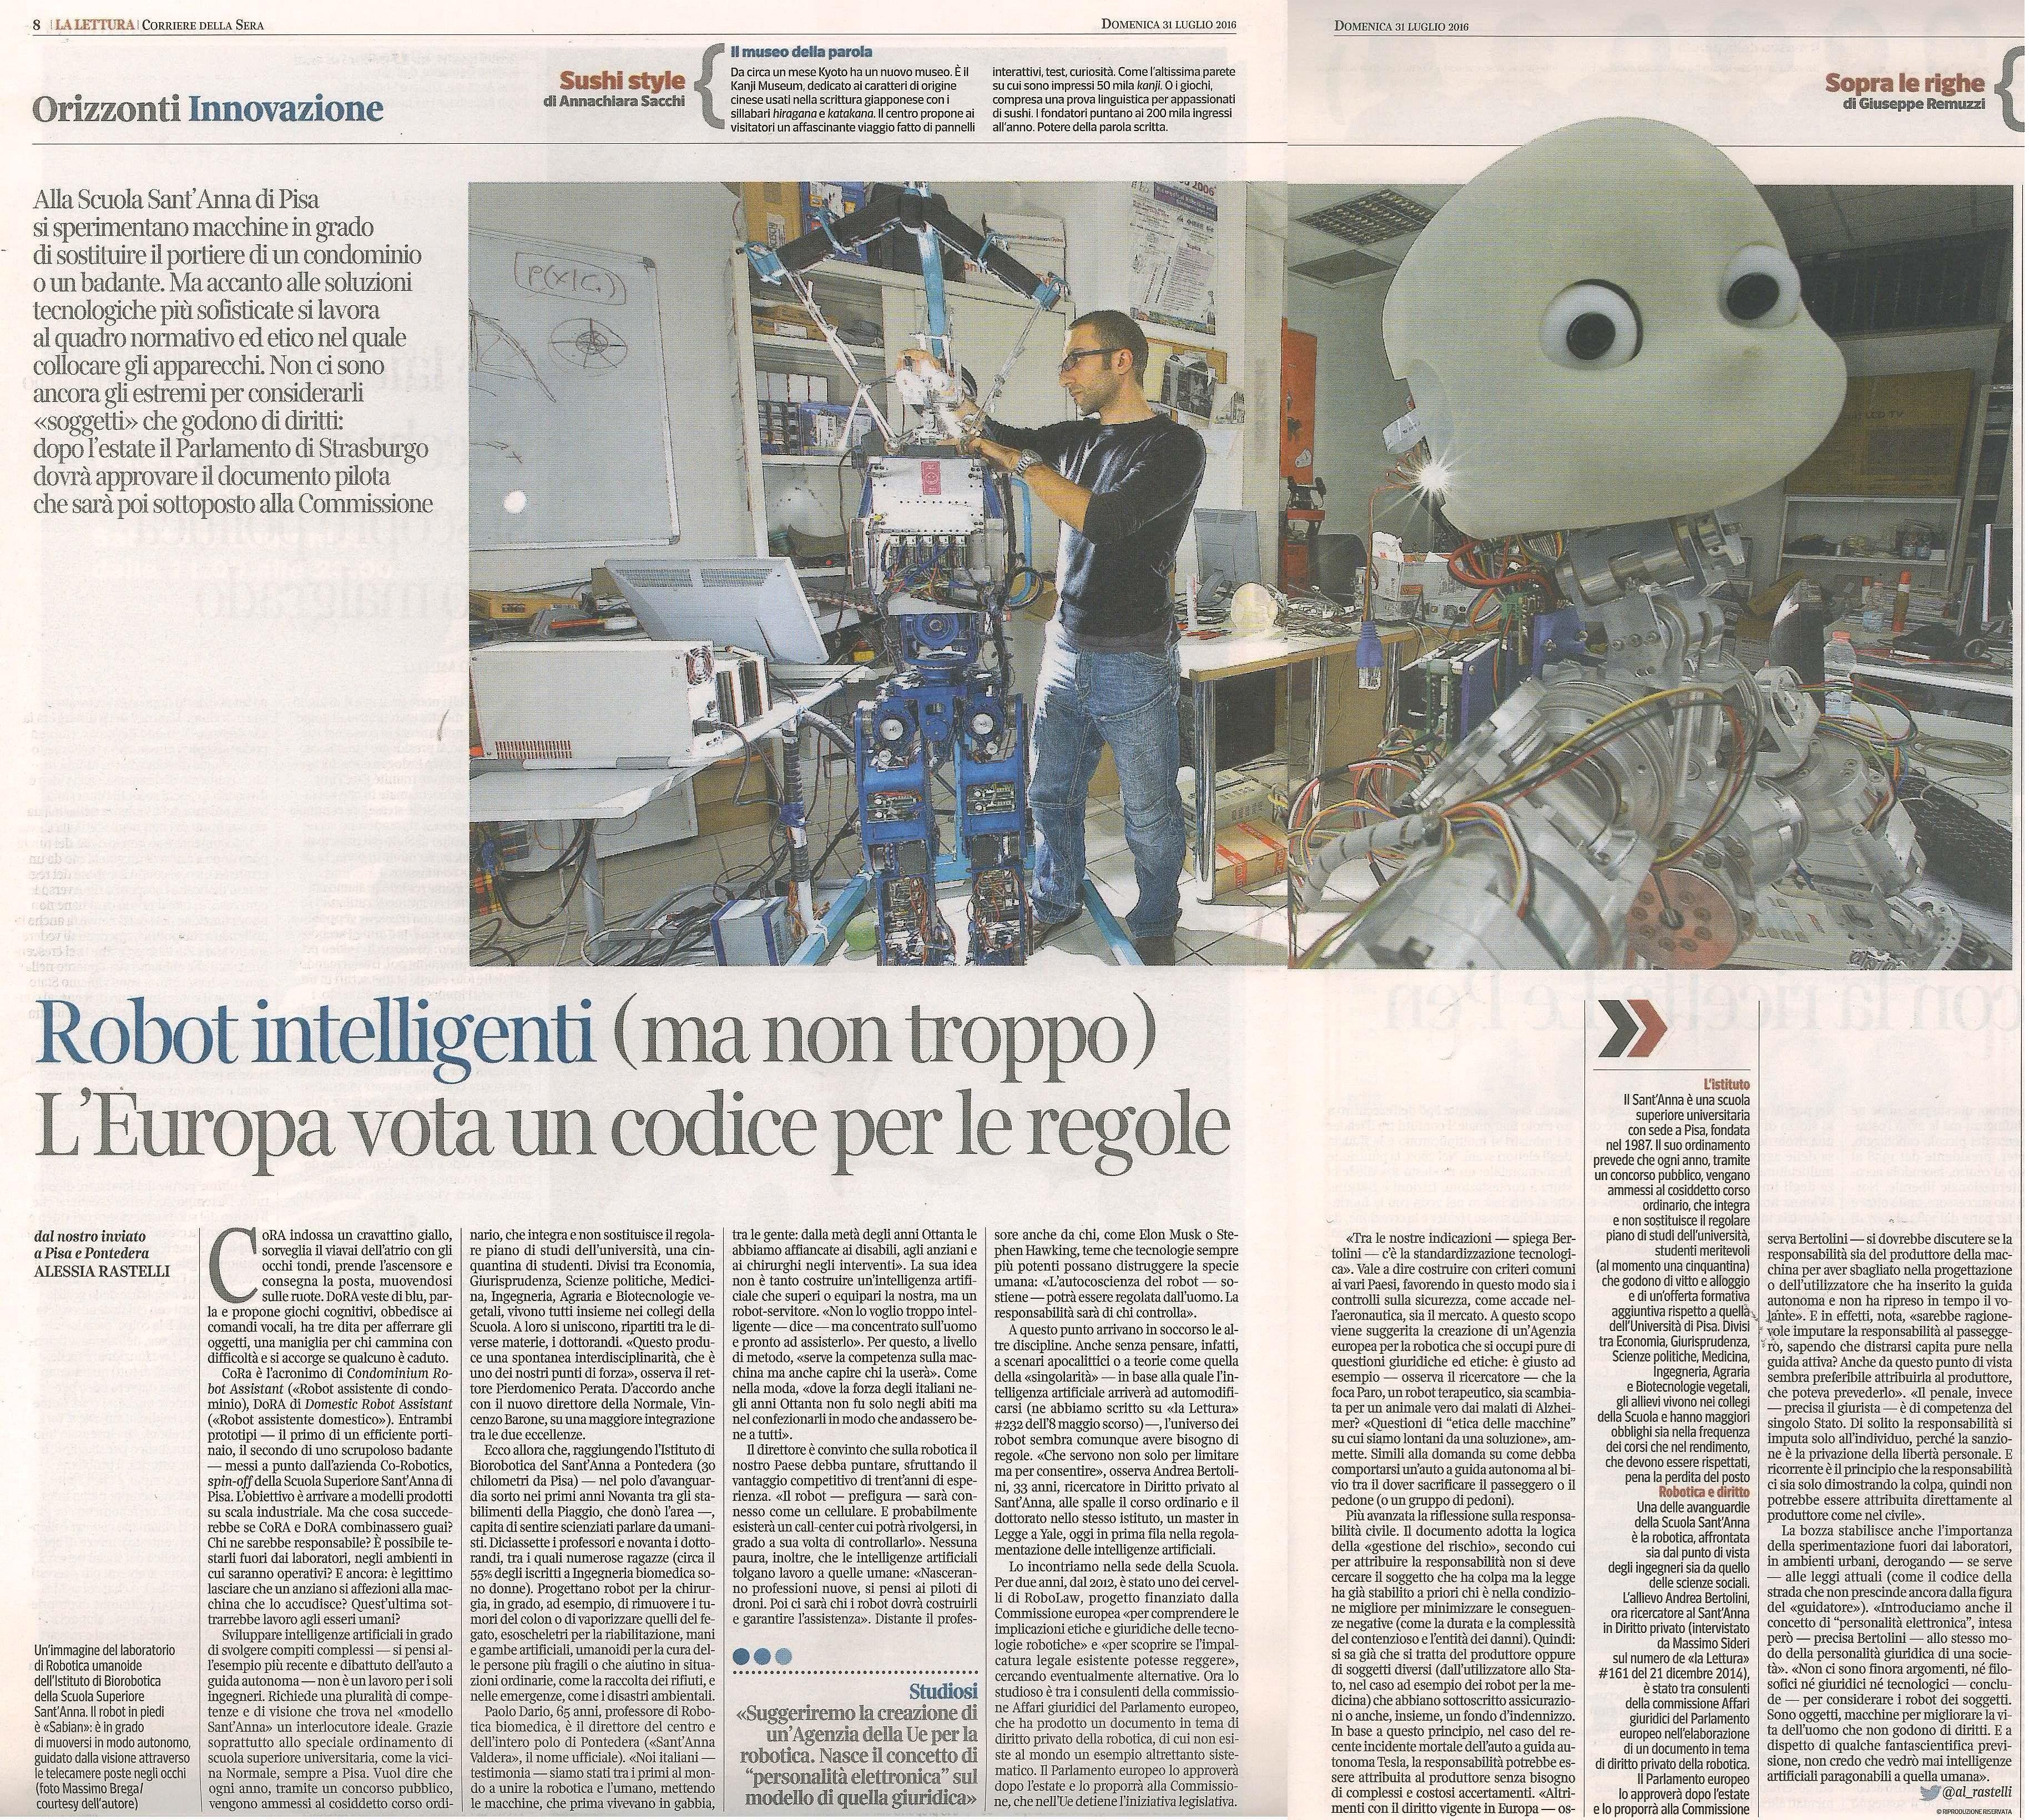 Scuola Sant'Anna di Pisa – Robot